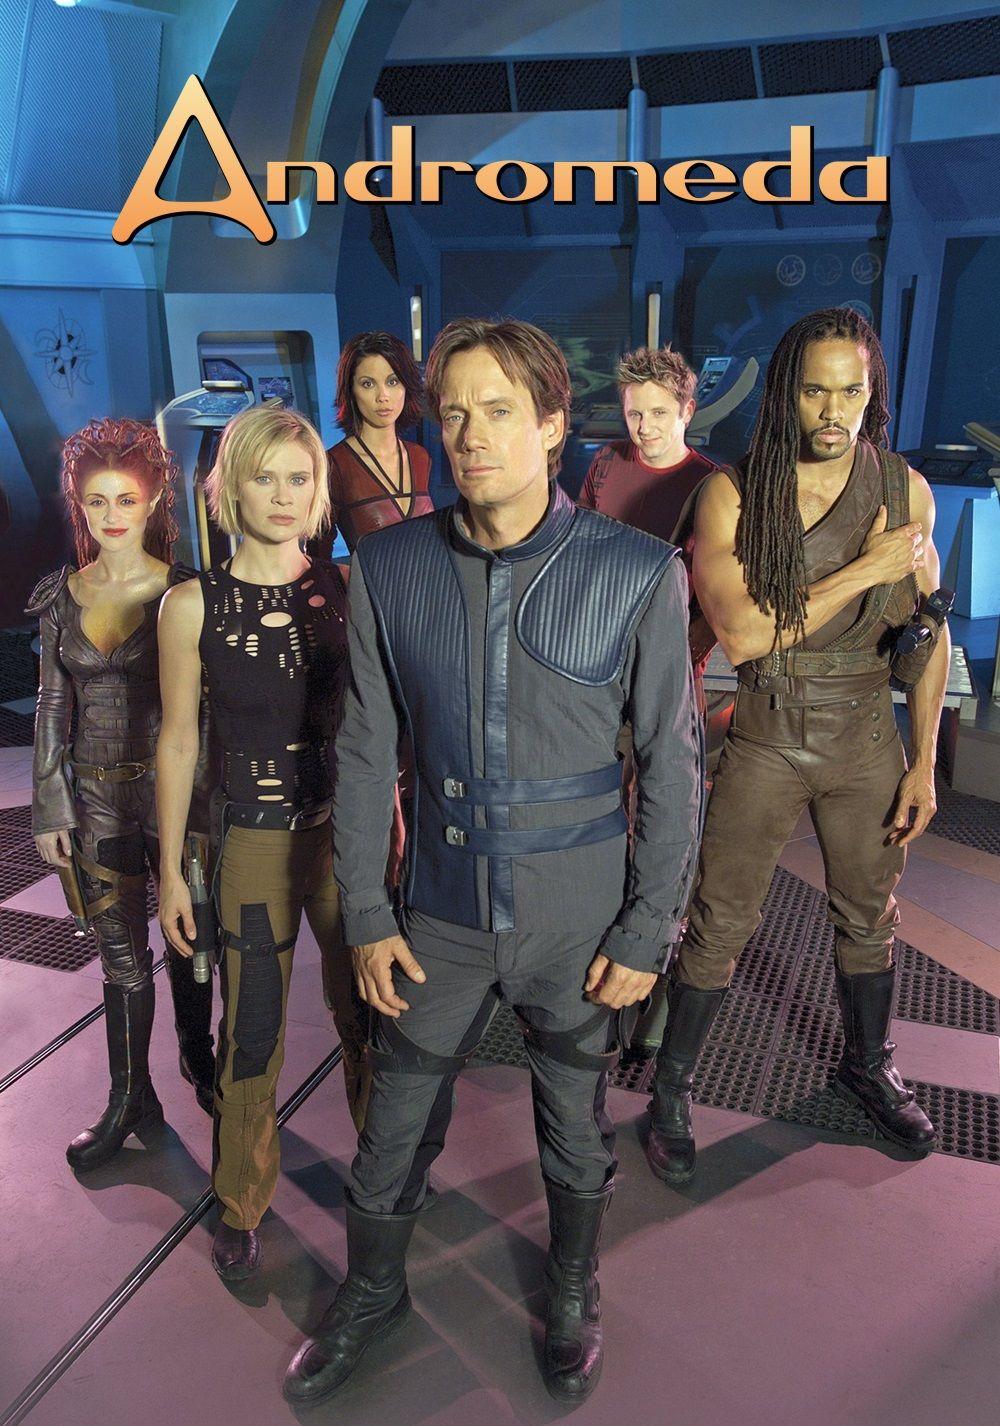 Andromeda Tv Poster Image  Sci Fi Tv Series, Tv Series -7929